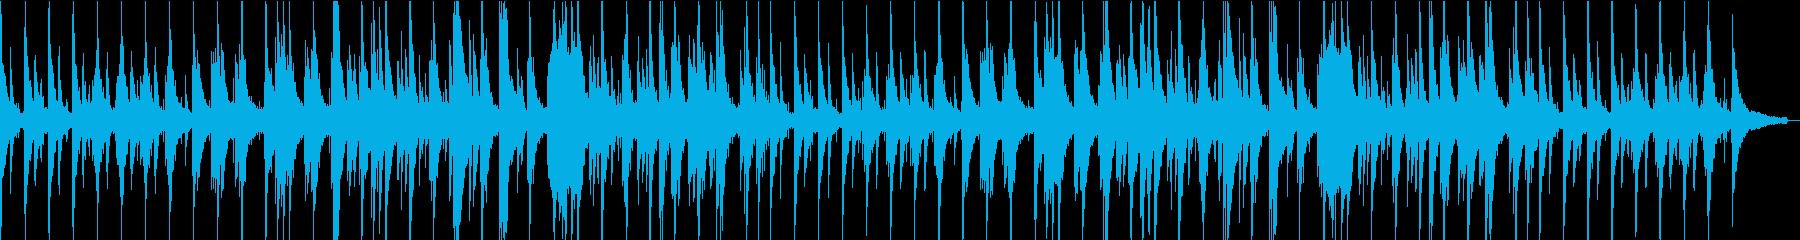 心安らぐジャズバラードピアノの再生済みの波形